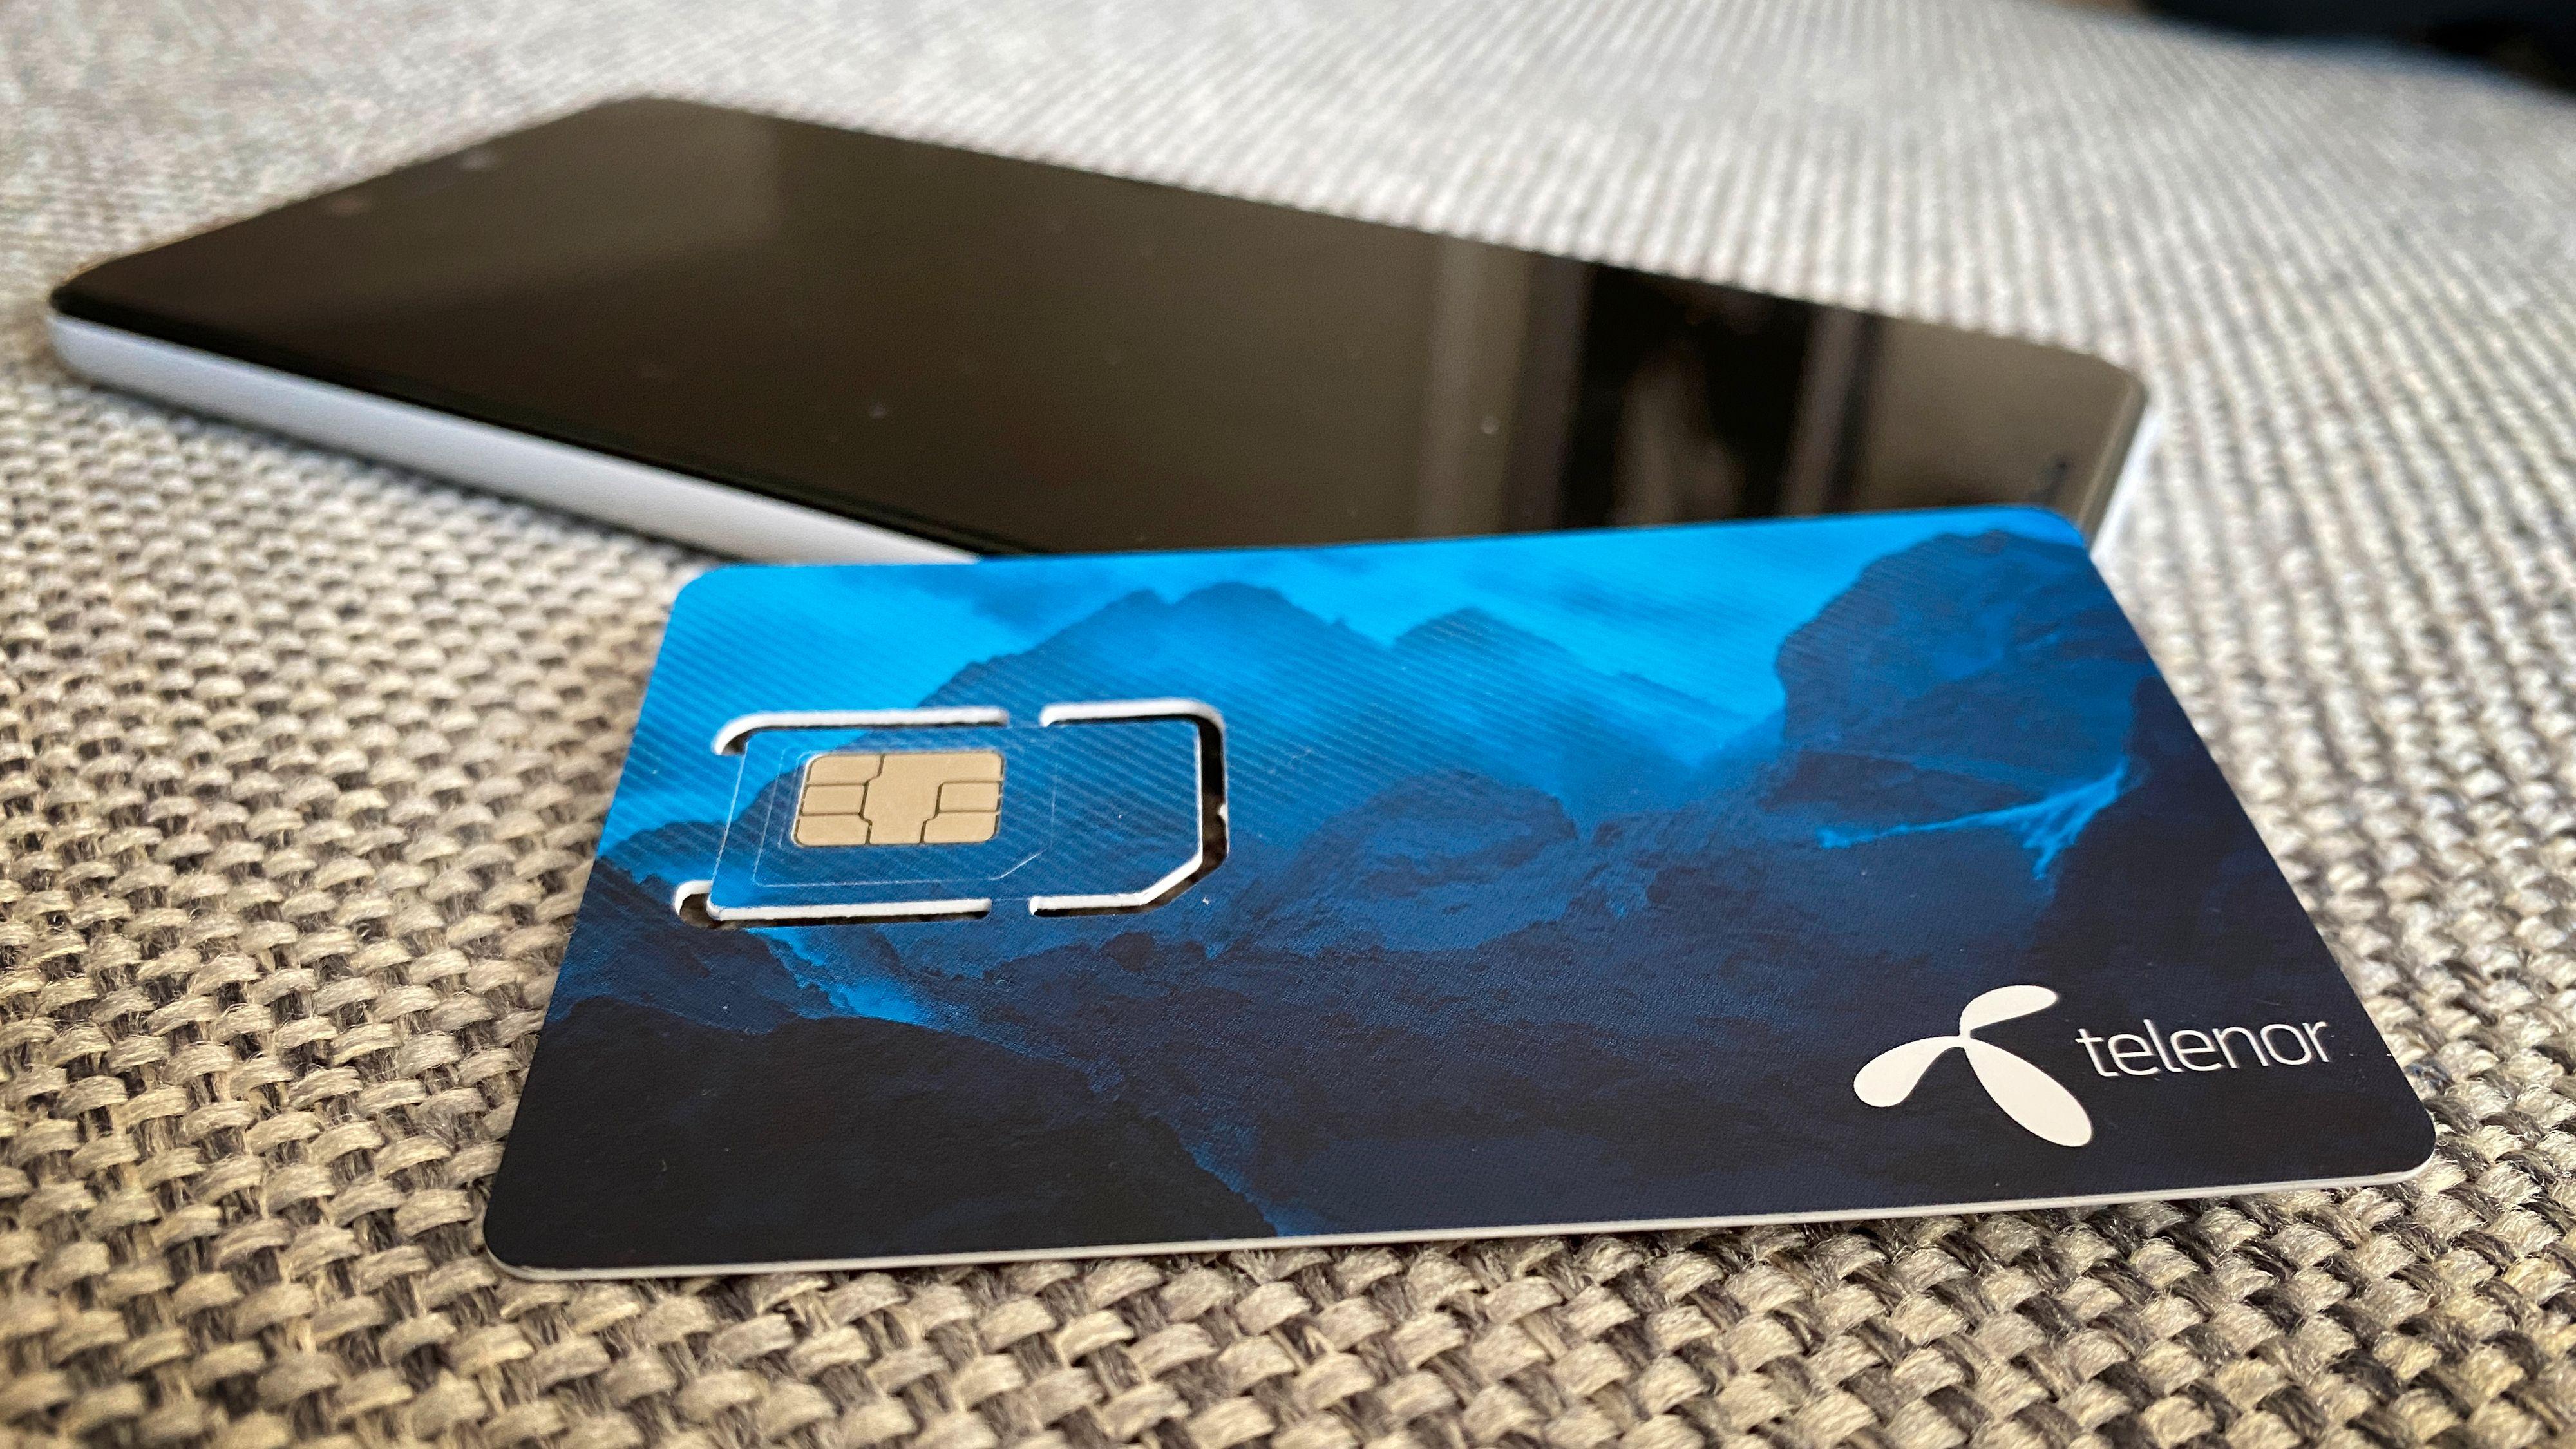 Telenor tar nå 69 kroner i måneden for en tjeneste konkurrenten tilbyr gratis